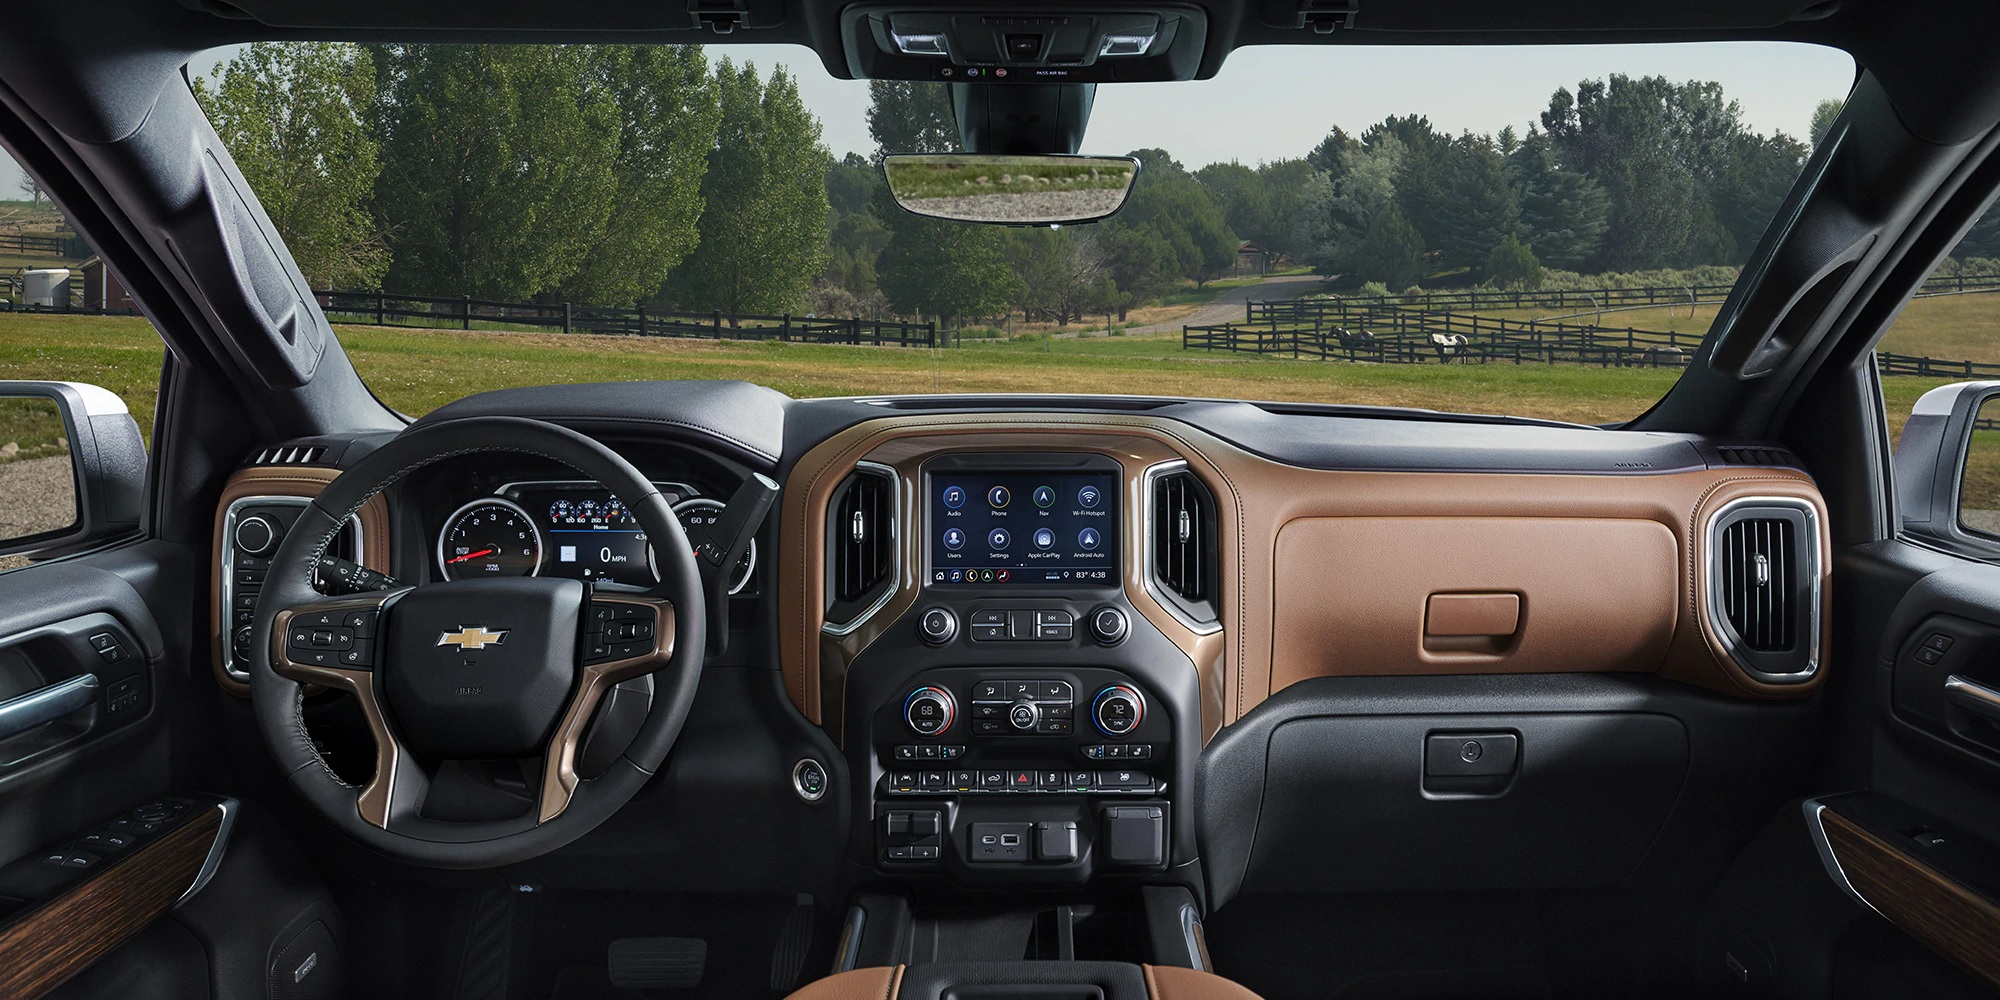 El interior de la Chevy Silverado 1500 fue diseñado para que disfrutes de tus rutinas.